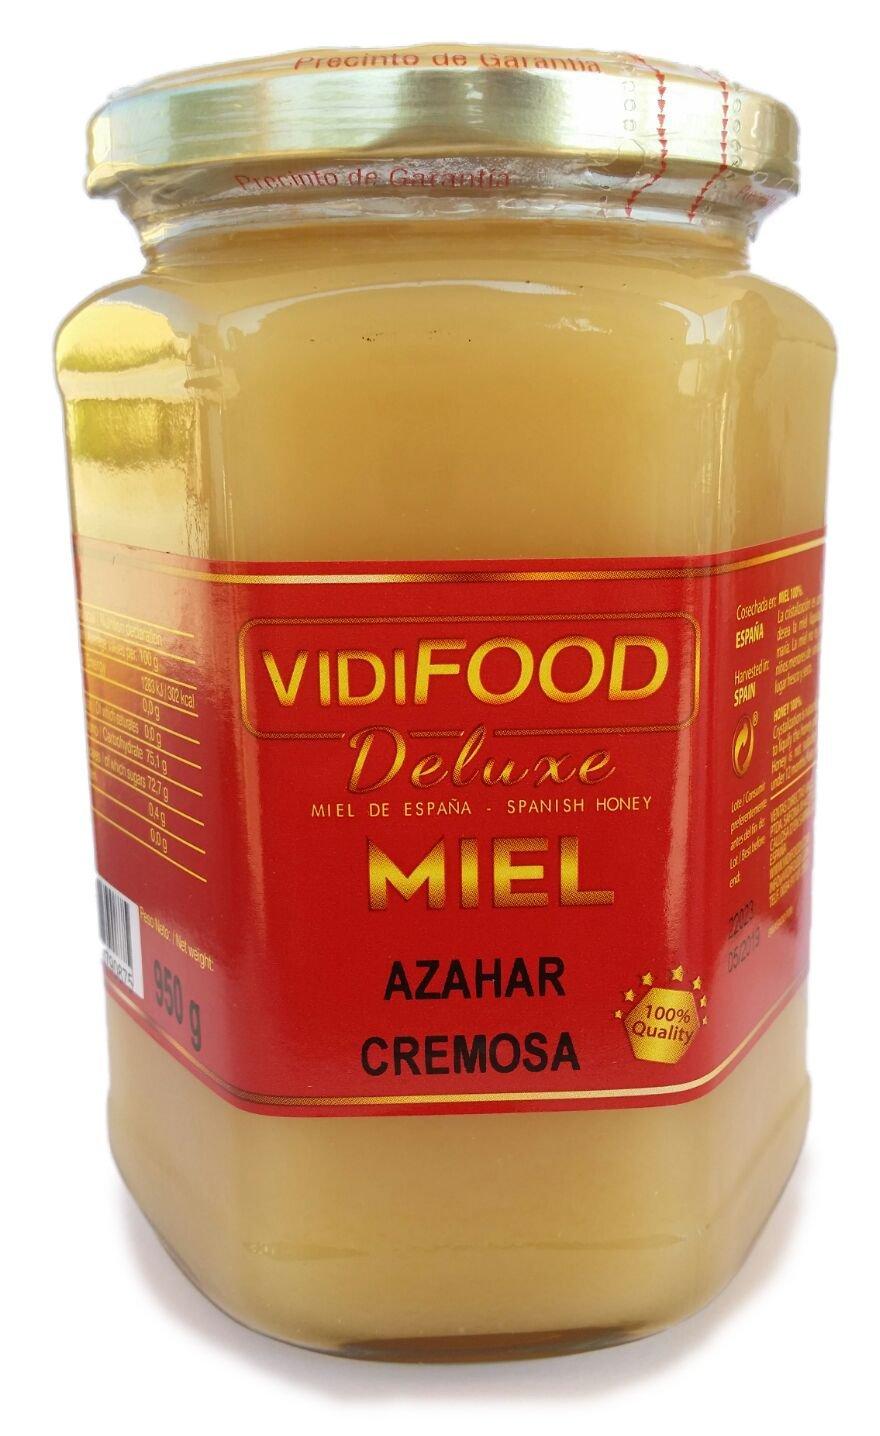 Miel de Romero Crema - 950g - Producida en España - Alta Calidad, tradicional & 100% pura - Aroma Floral y Sabor Rico y Dulce - Amplia variedad de ...